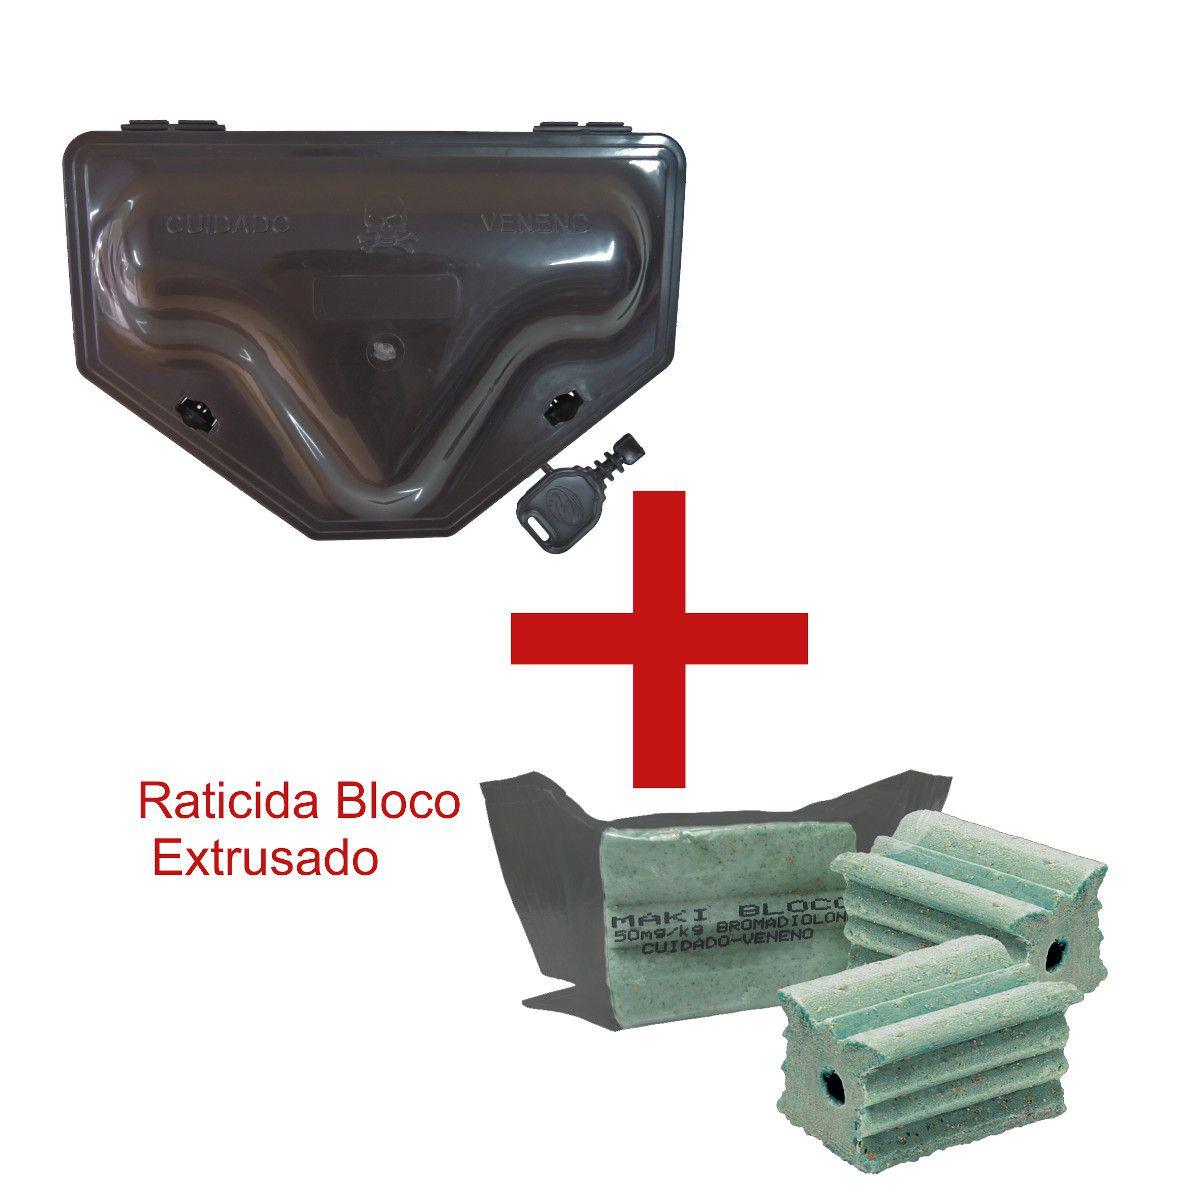 KIT 500 Porta Iscas Forte 2 TRAVAS Chave Ratoeira Mata Ratos